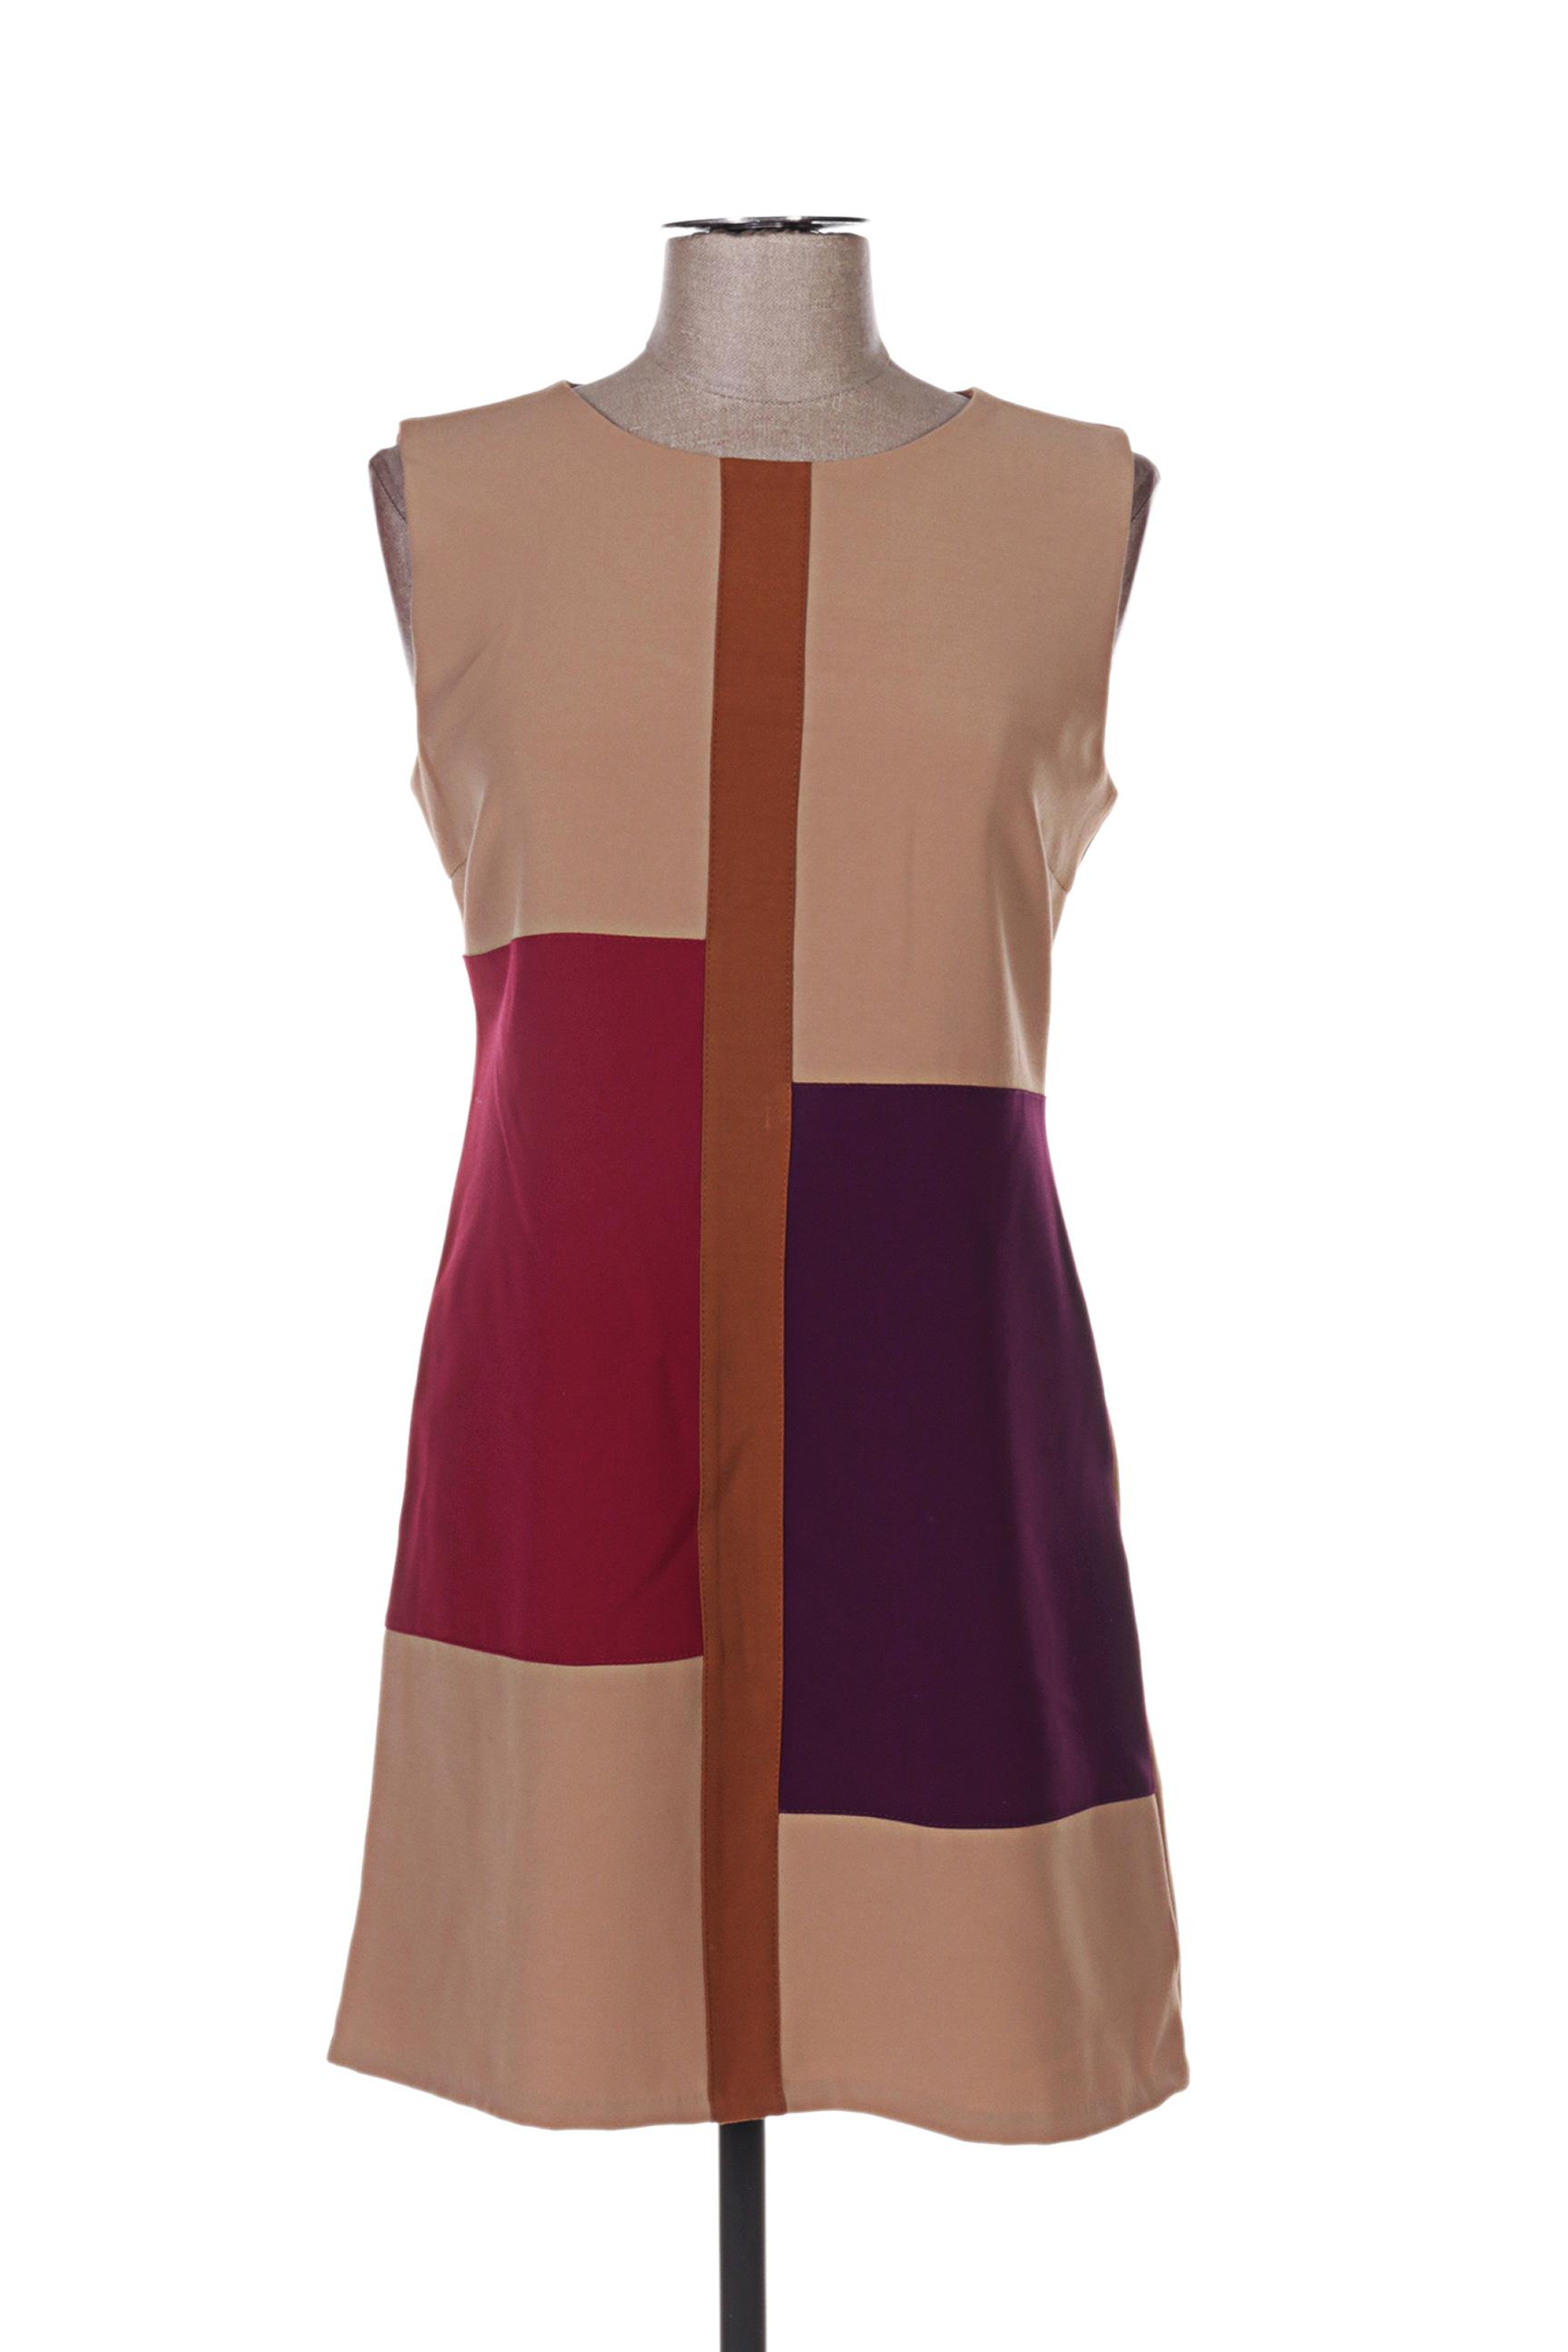 Rinascimento Robes Courtes Femme De Couleur Marron En Soldes Pas Cher 1292017-marron